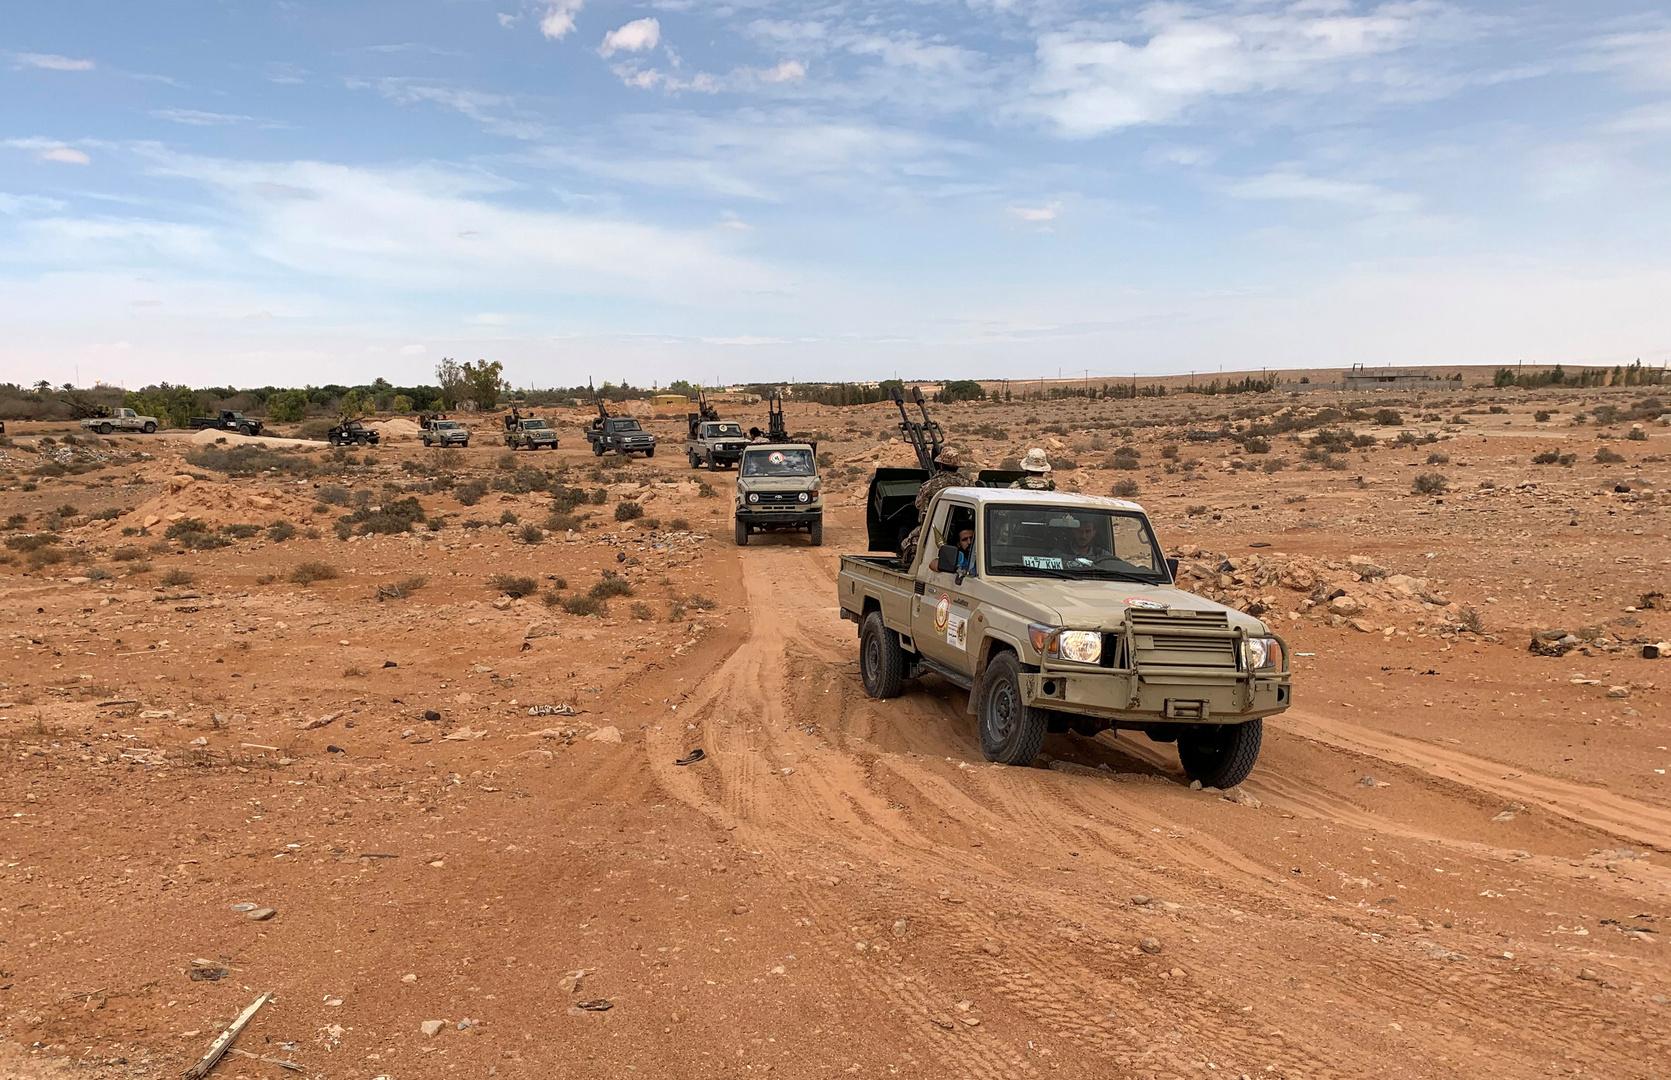 وزير الدفاع في حكومة الوفاق الليبية يحل كتيبتين متنازعتين لأول مرة منذ توقف حرب العاصمة